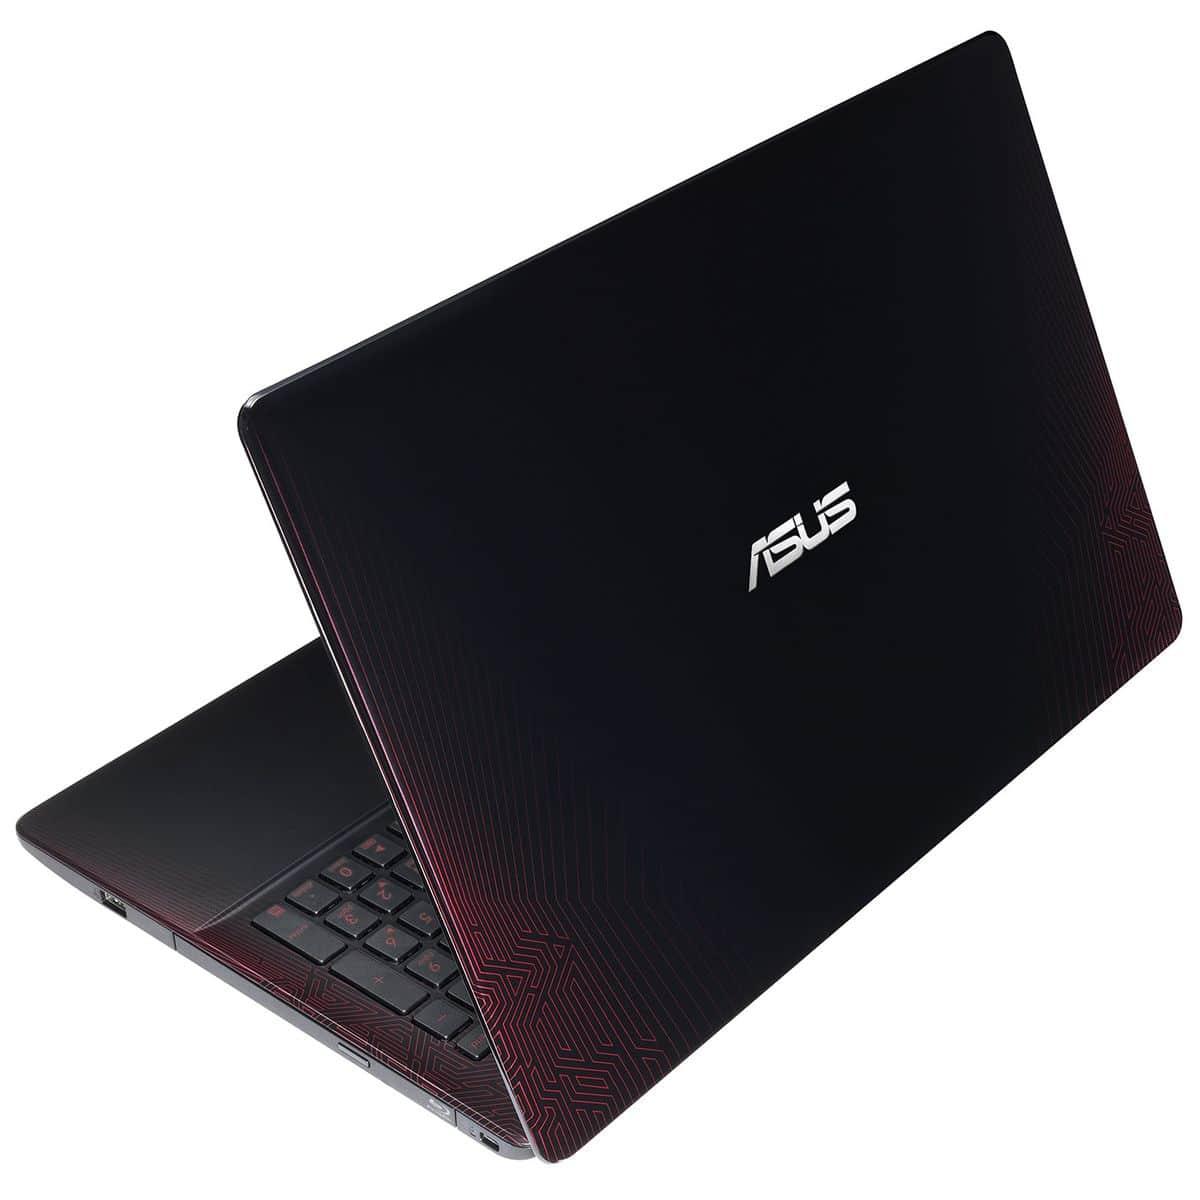 Asus R510JK-DM143H 2